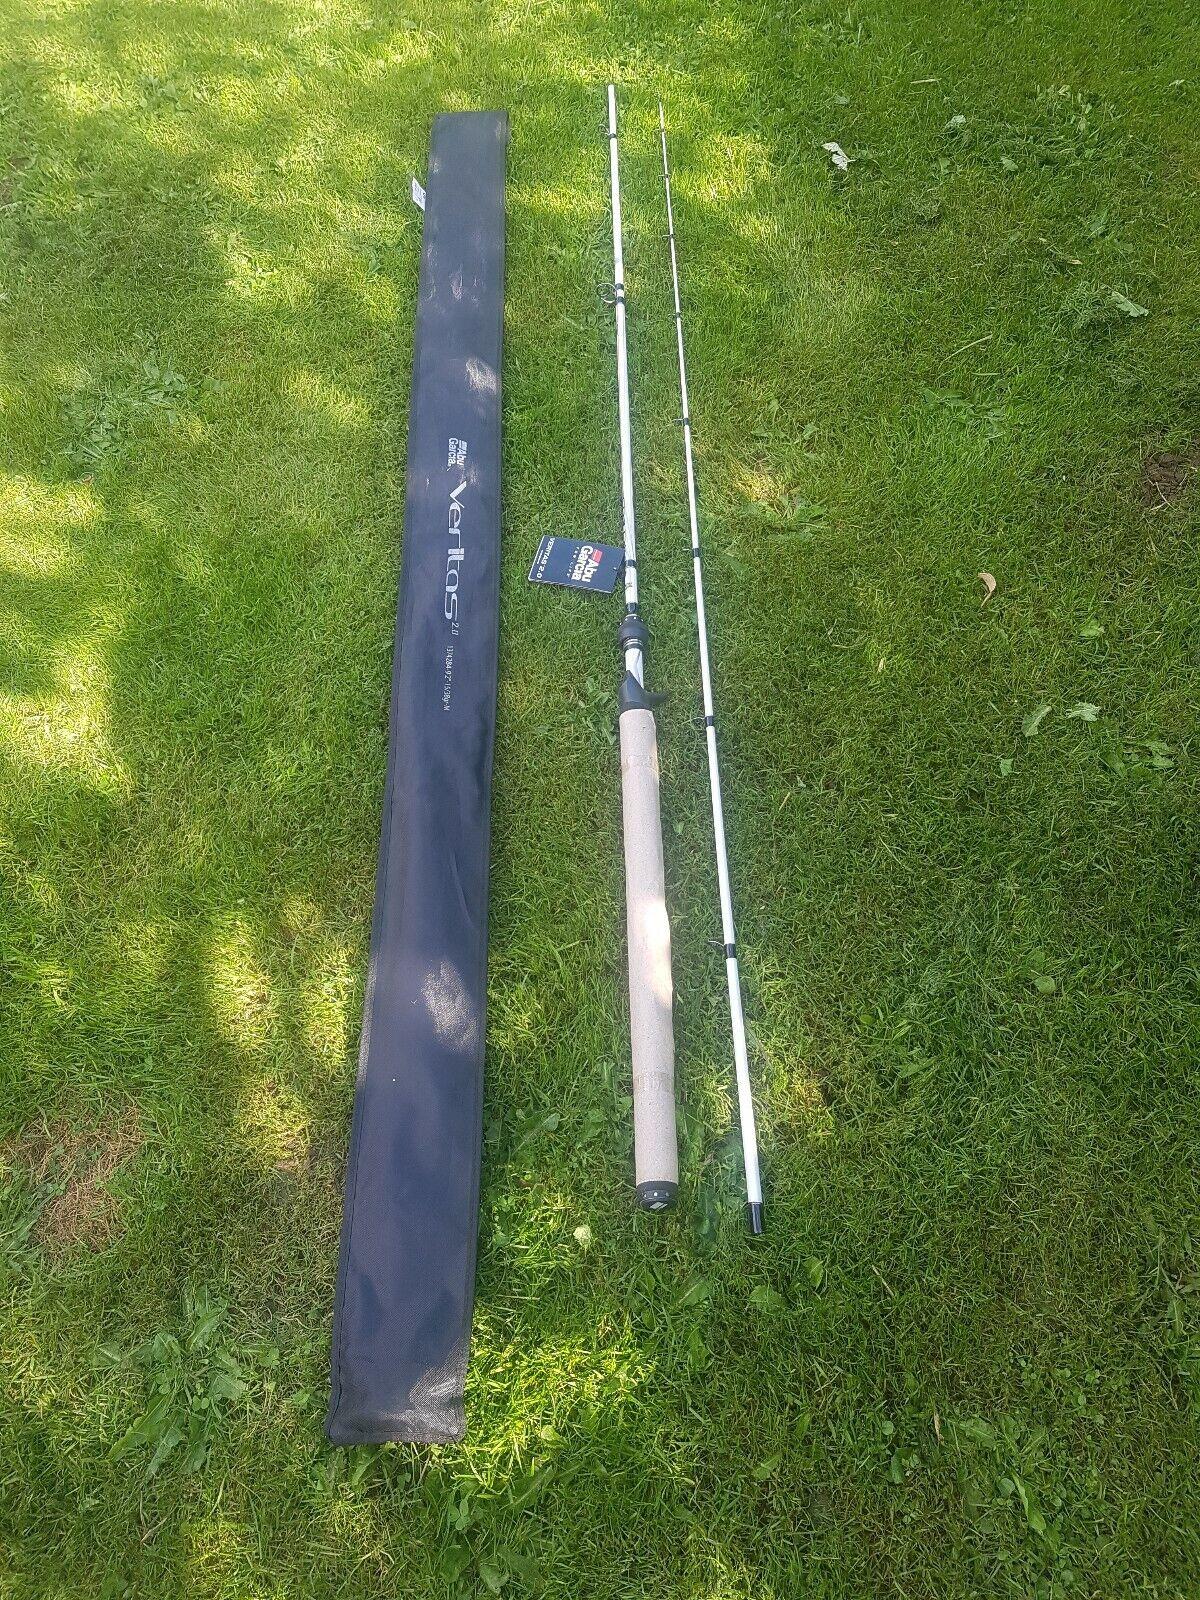 Abu Garcia Veritas 2.0  Spinning Spin 2 Piece Fishing Rod,,10 32g length10ft 2in